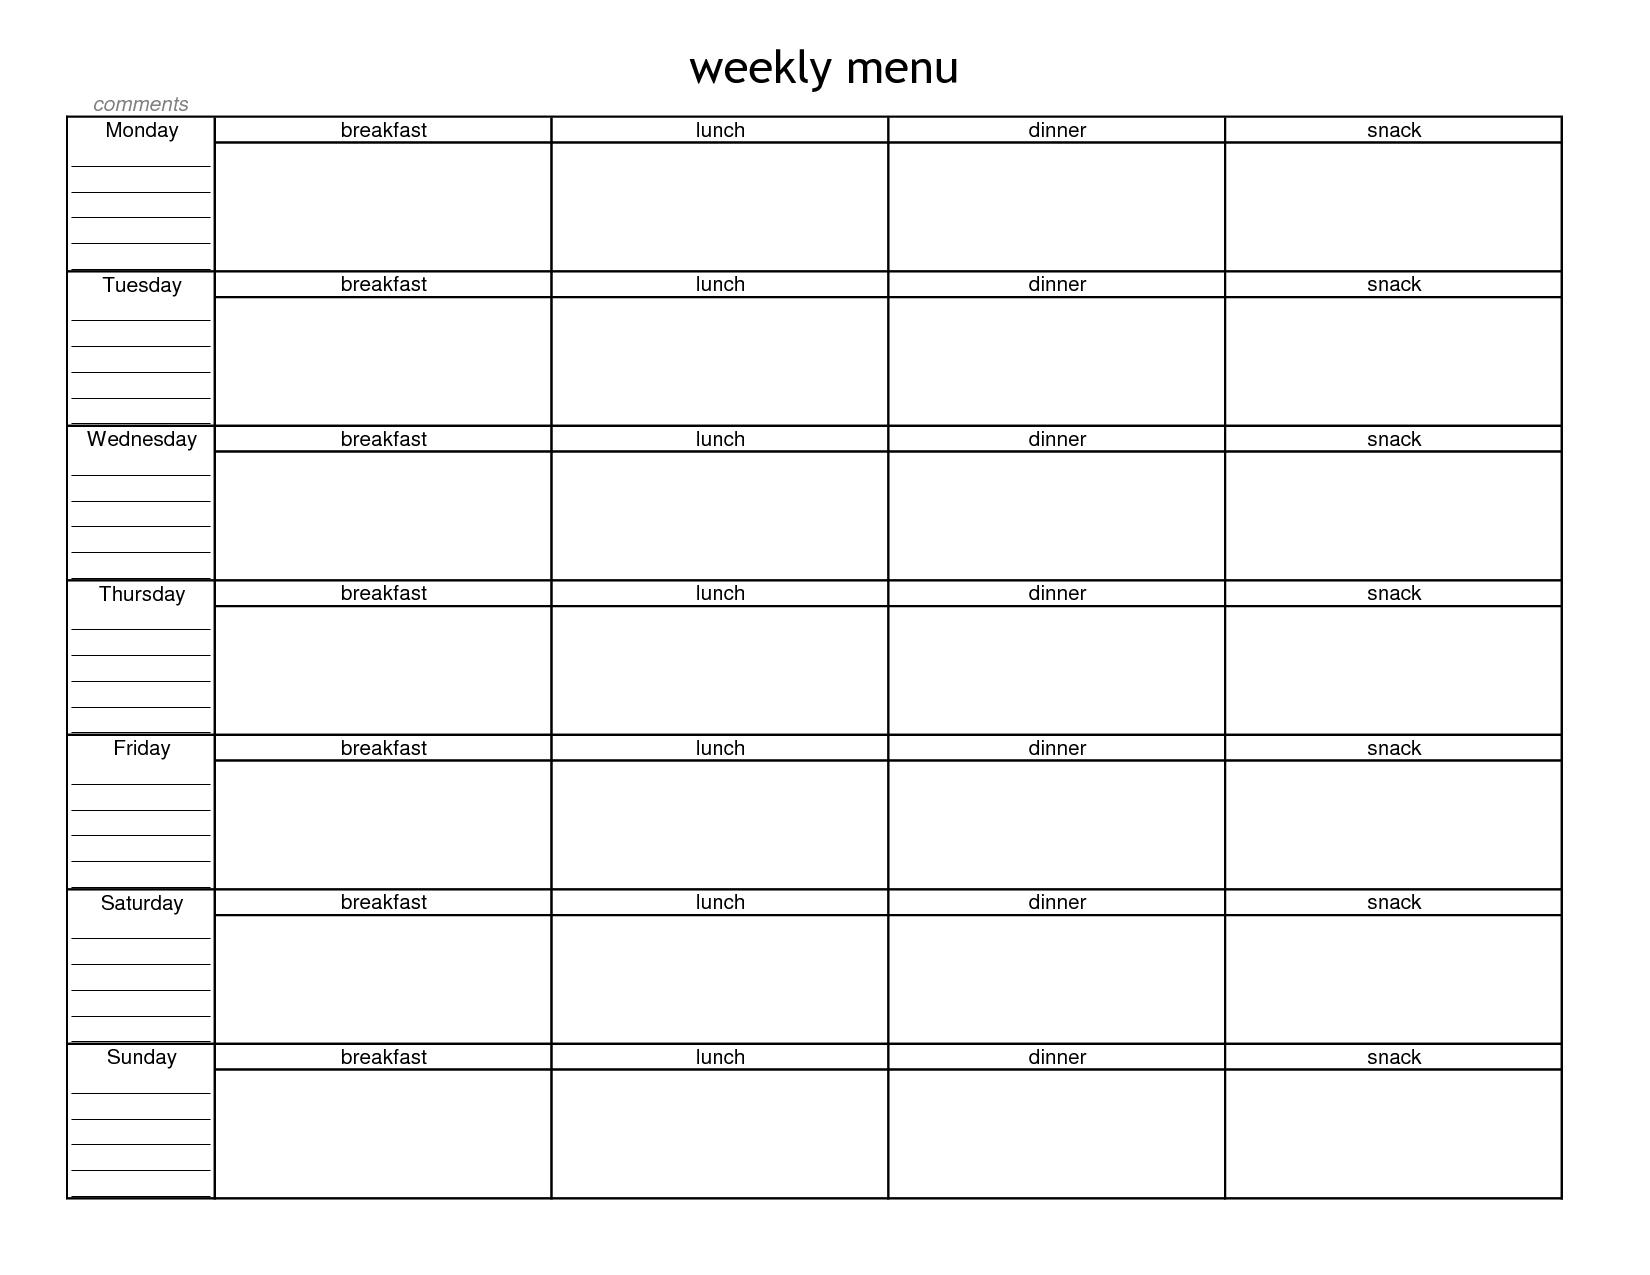 Blank Weekly Menu Planner Template